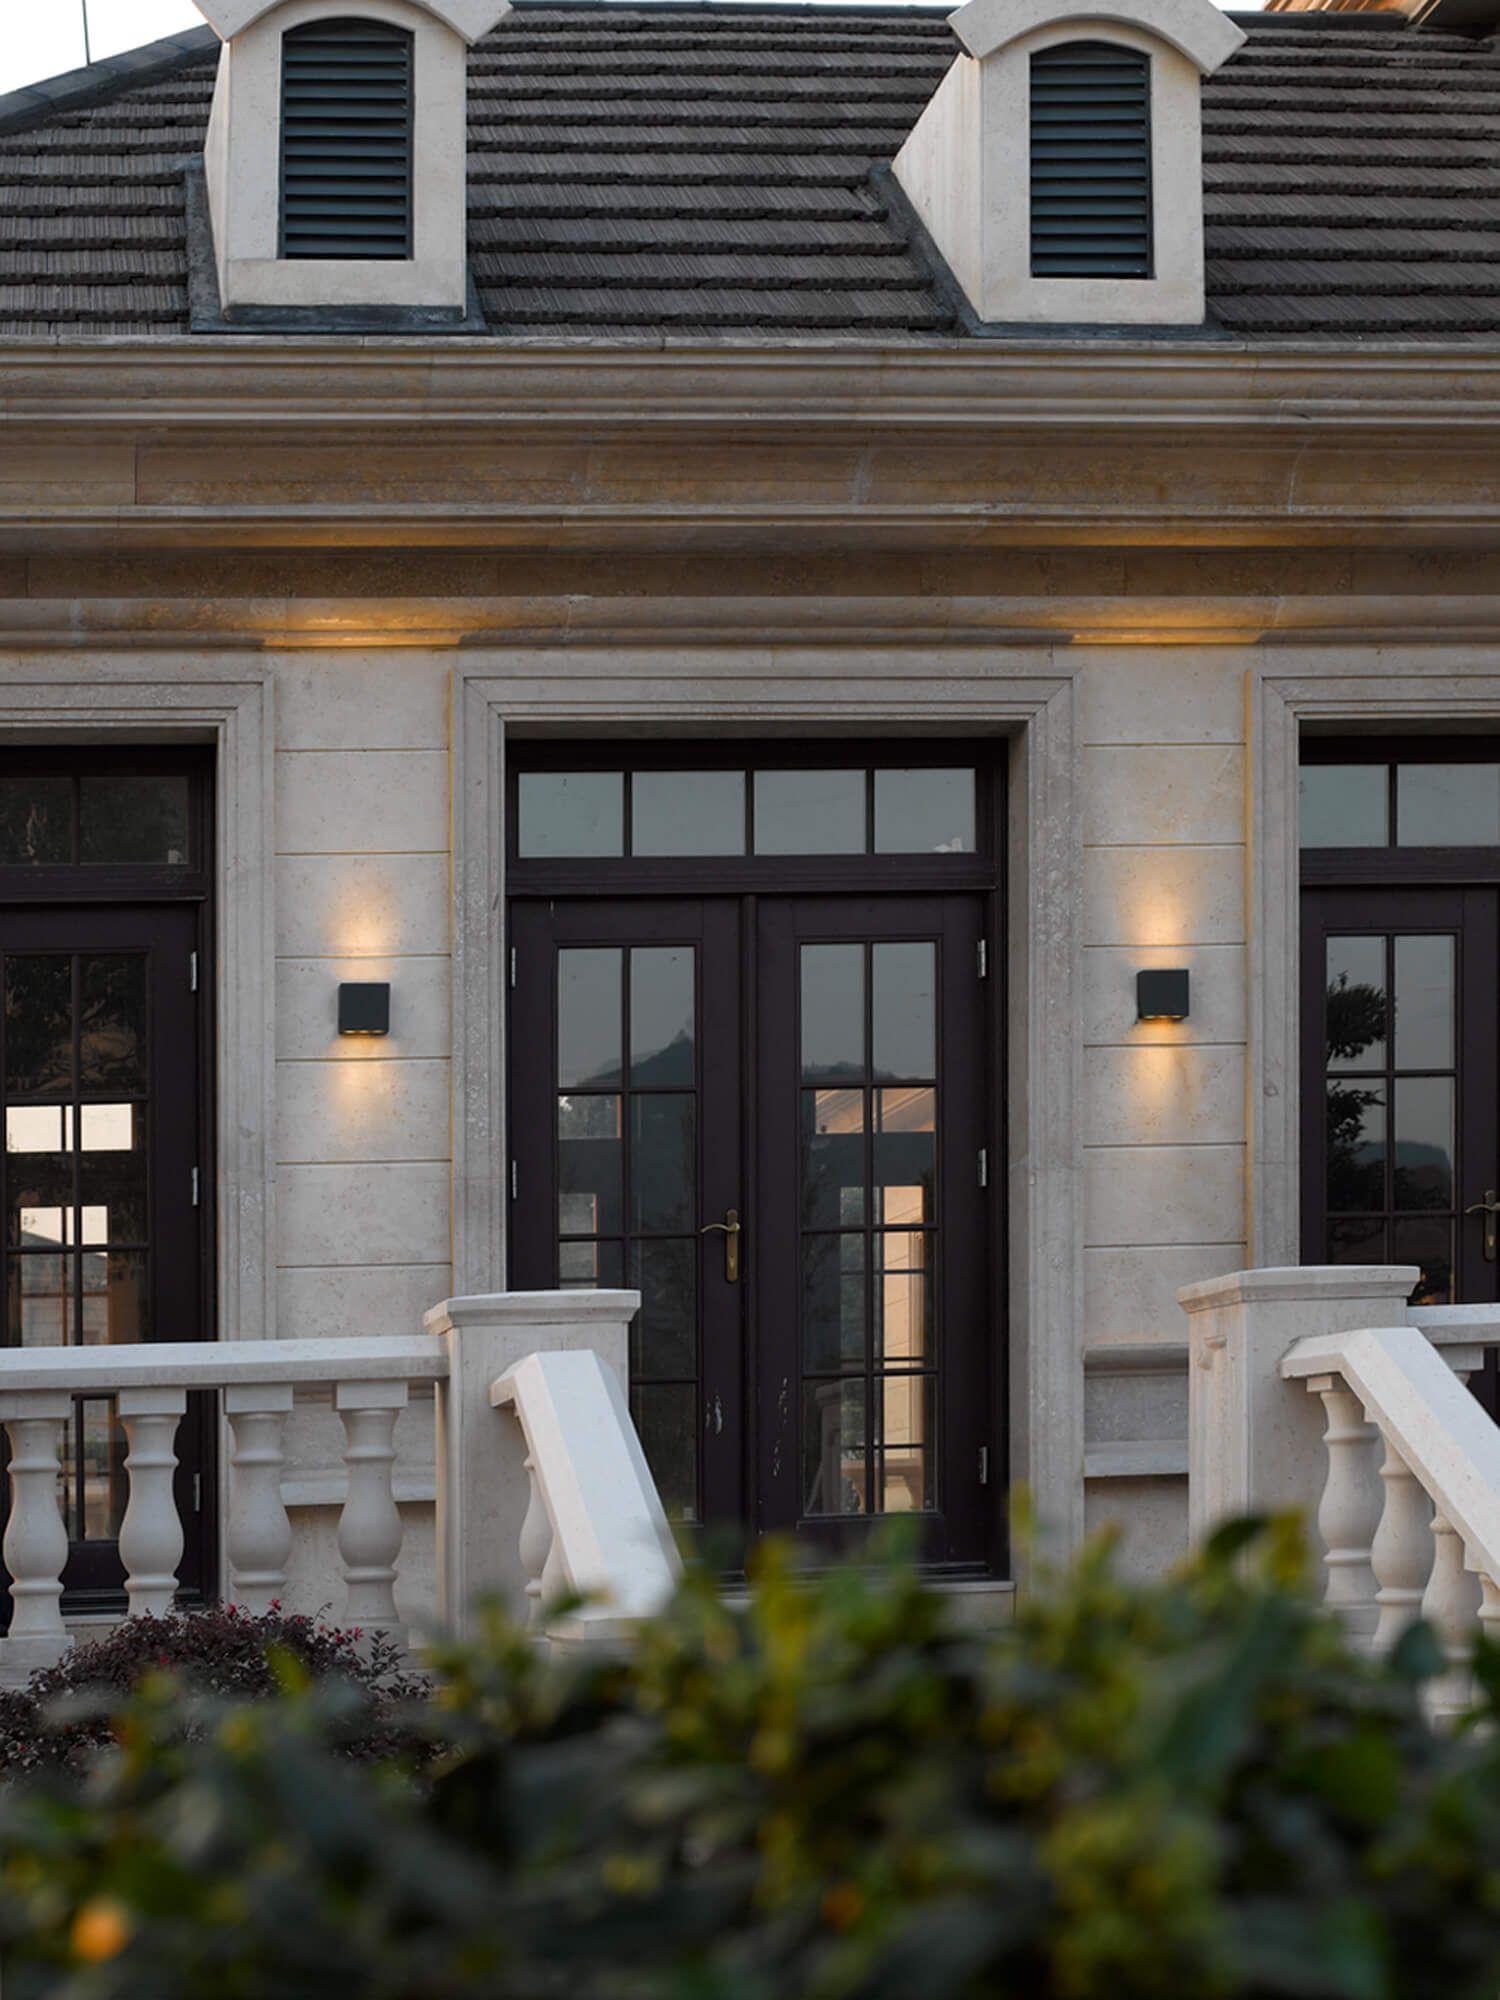 Elegant Außenbeleuchtung Terrasse Ideen Von #außenleuchten # #außenbeleuchtung #garten #beleuchtung #gestalten #ideen